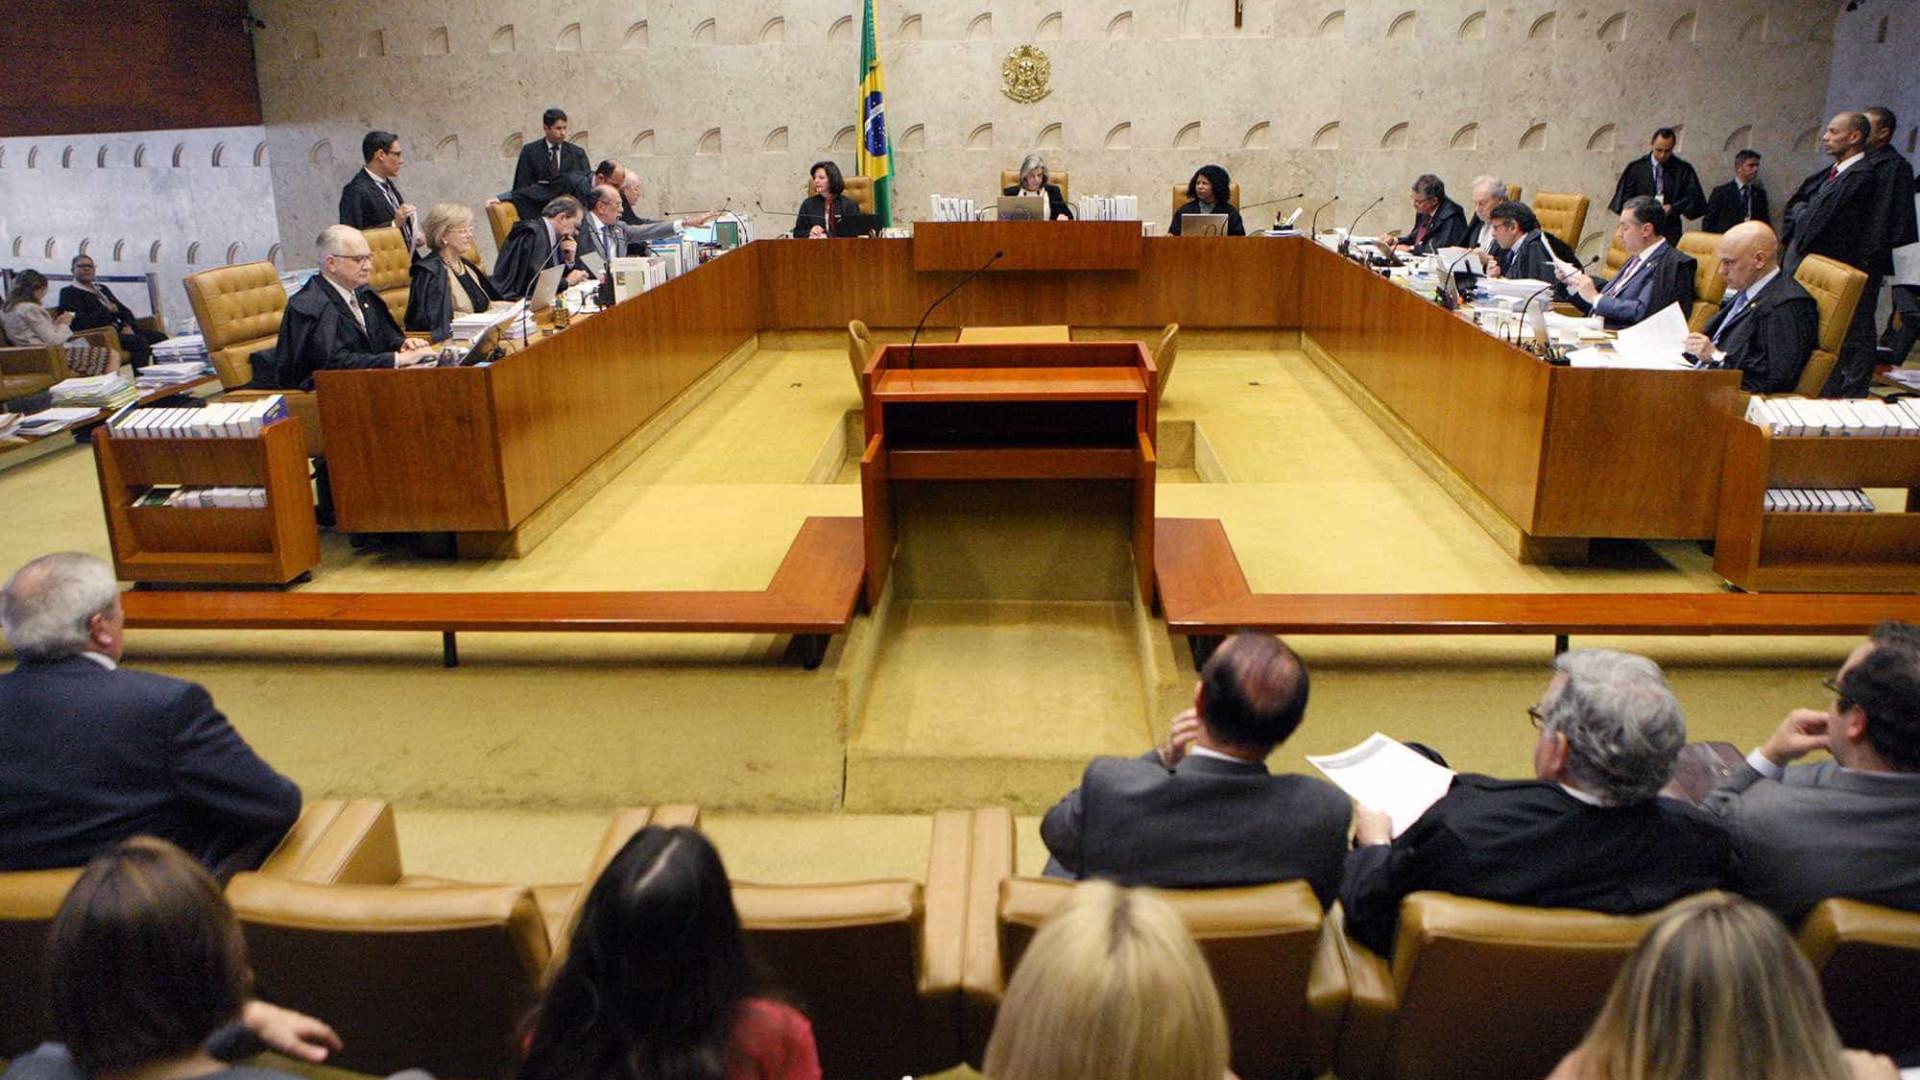 2ª Turma retira do plenário habeas corpus sobre prisão em 2ª instância